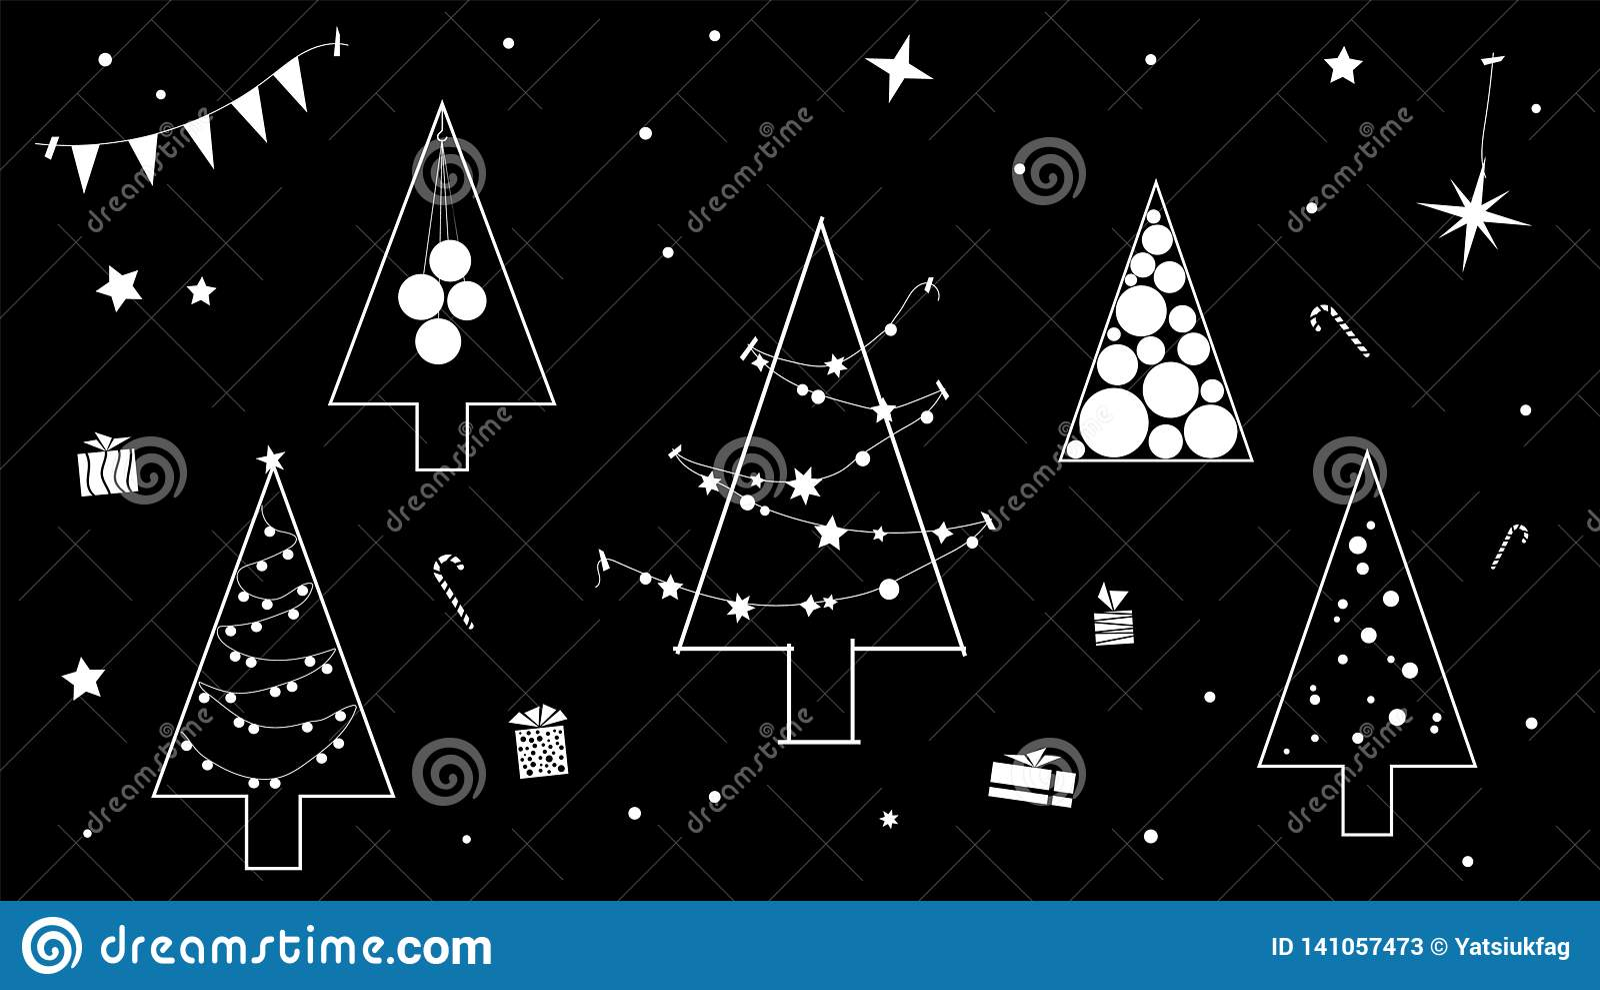 Kreative Schwarzweiss-Kontur des Weihnachtsbaums in einer modernen Konturndurchführung